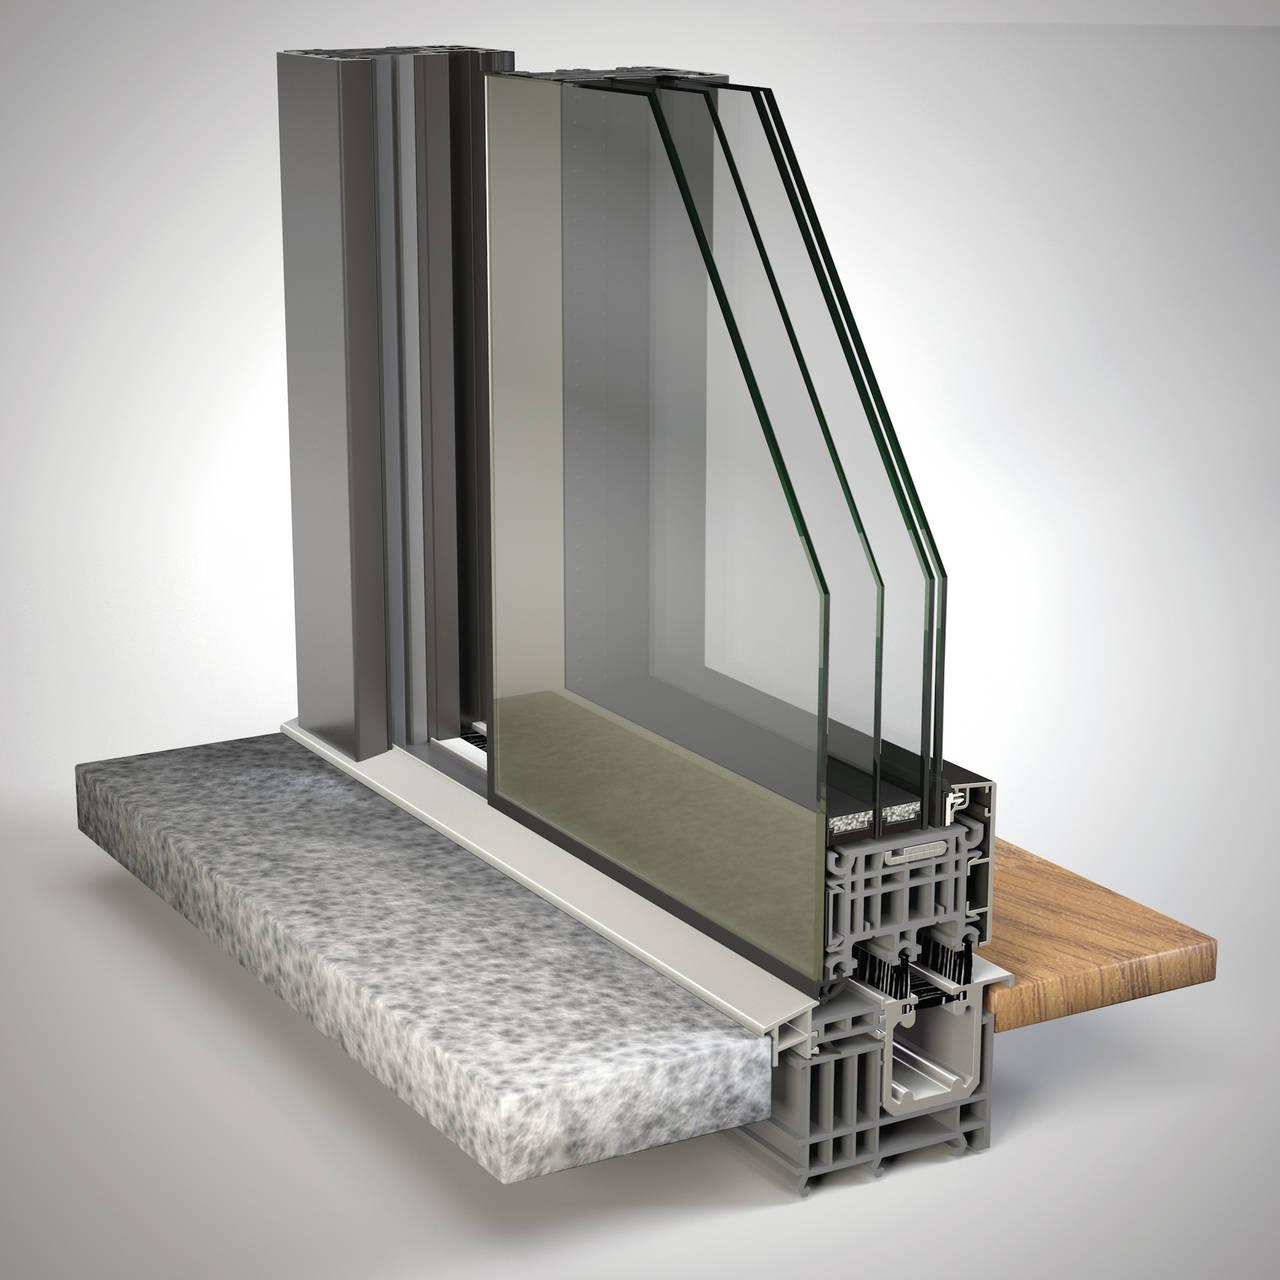 fin project cristal di finstral design e alta trasparenza